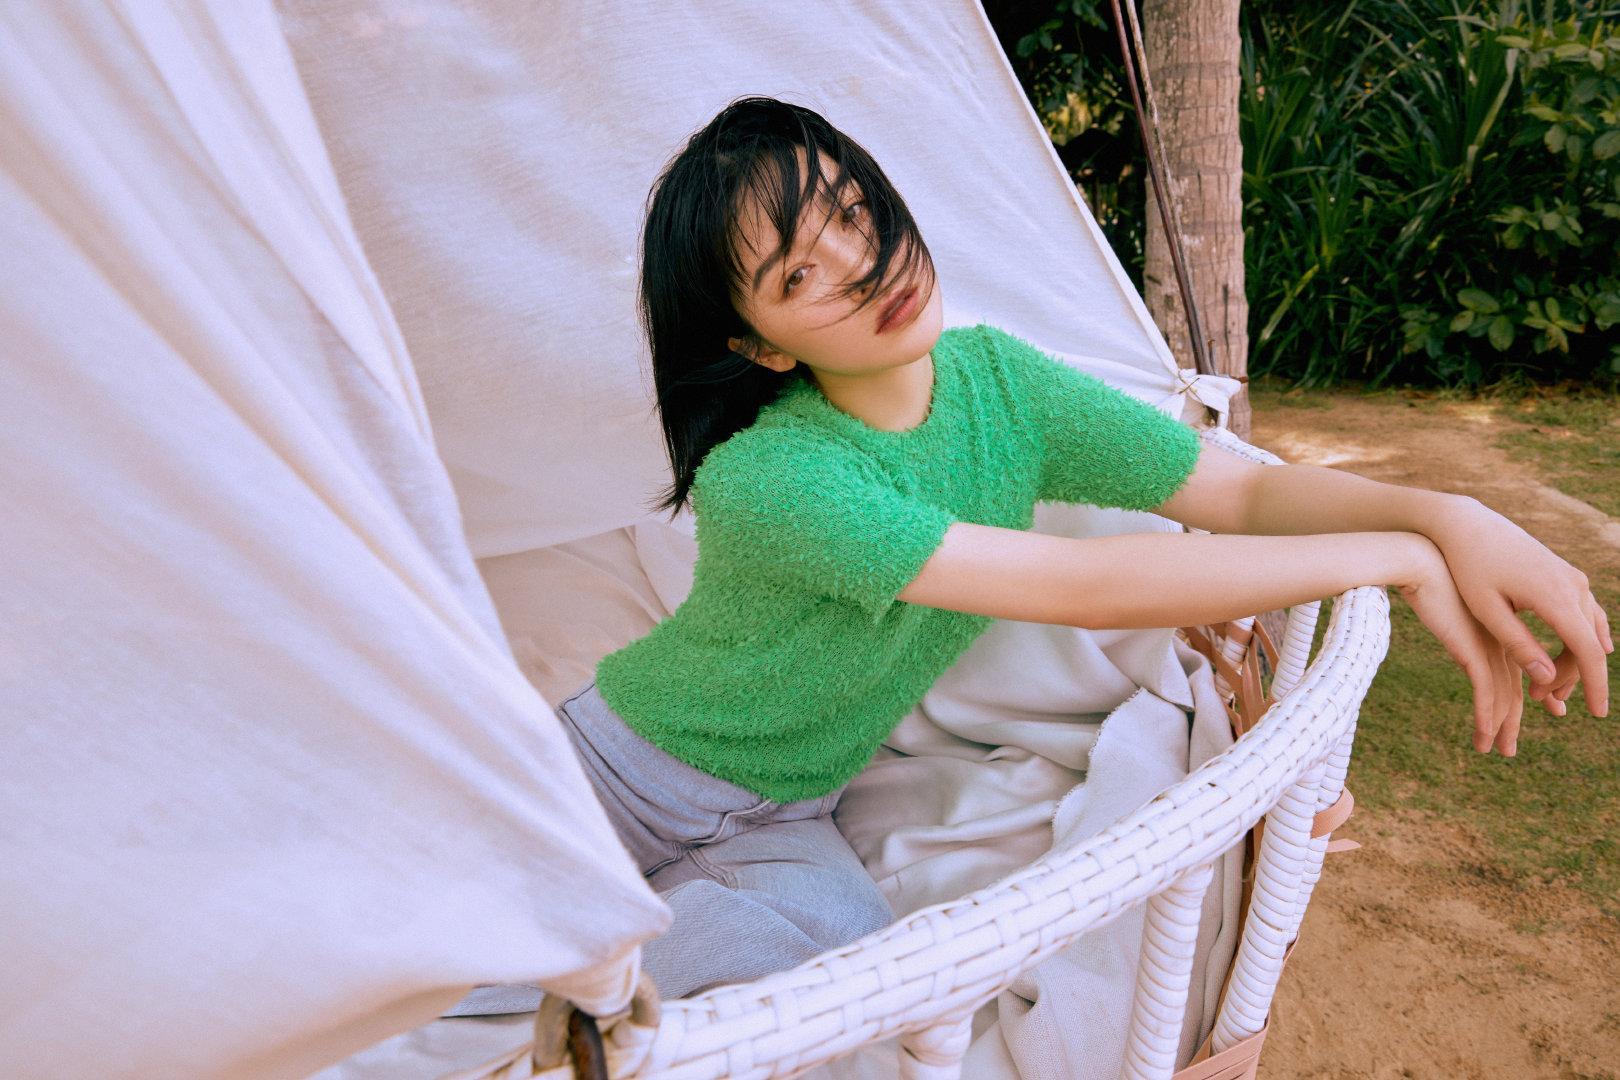 阚清子穿搭越来越有品,绿针织绒球上衣配牛仔裤,帅气阳光又有范